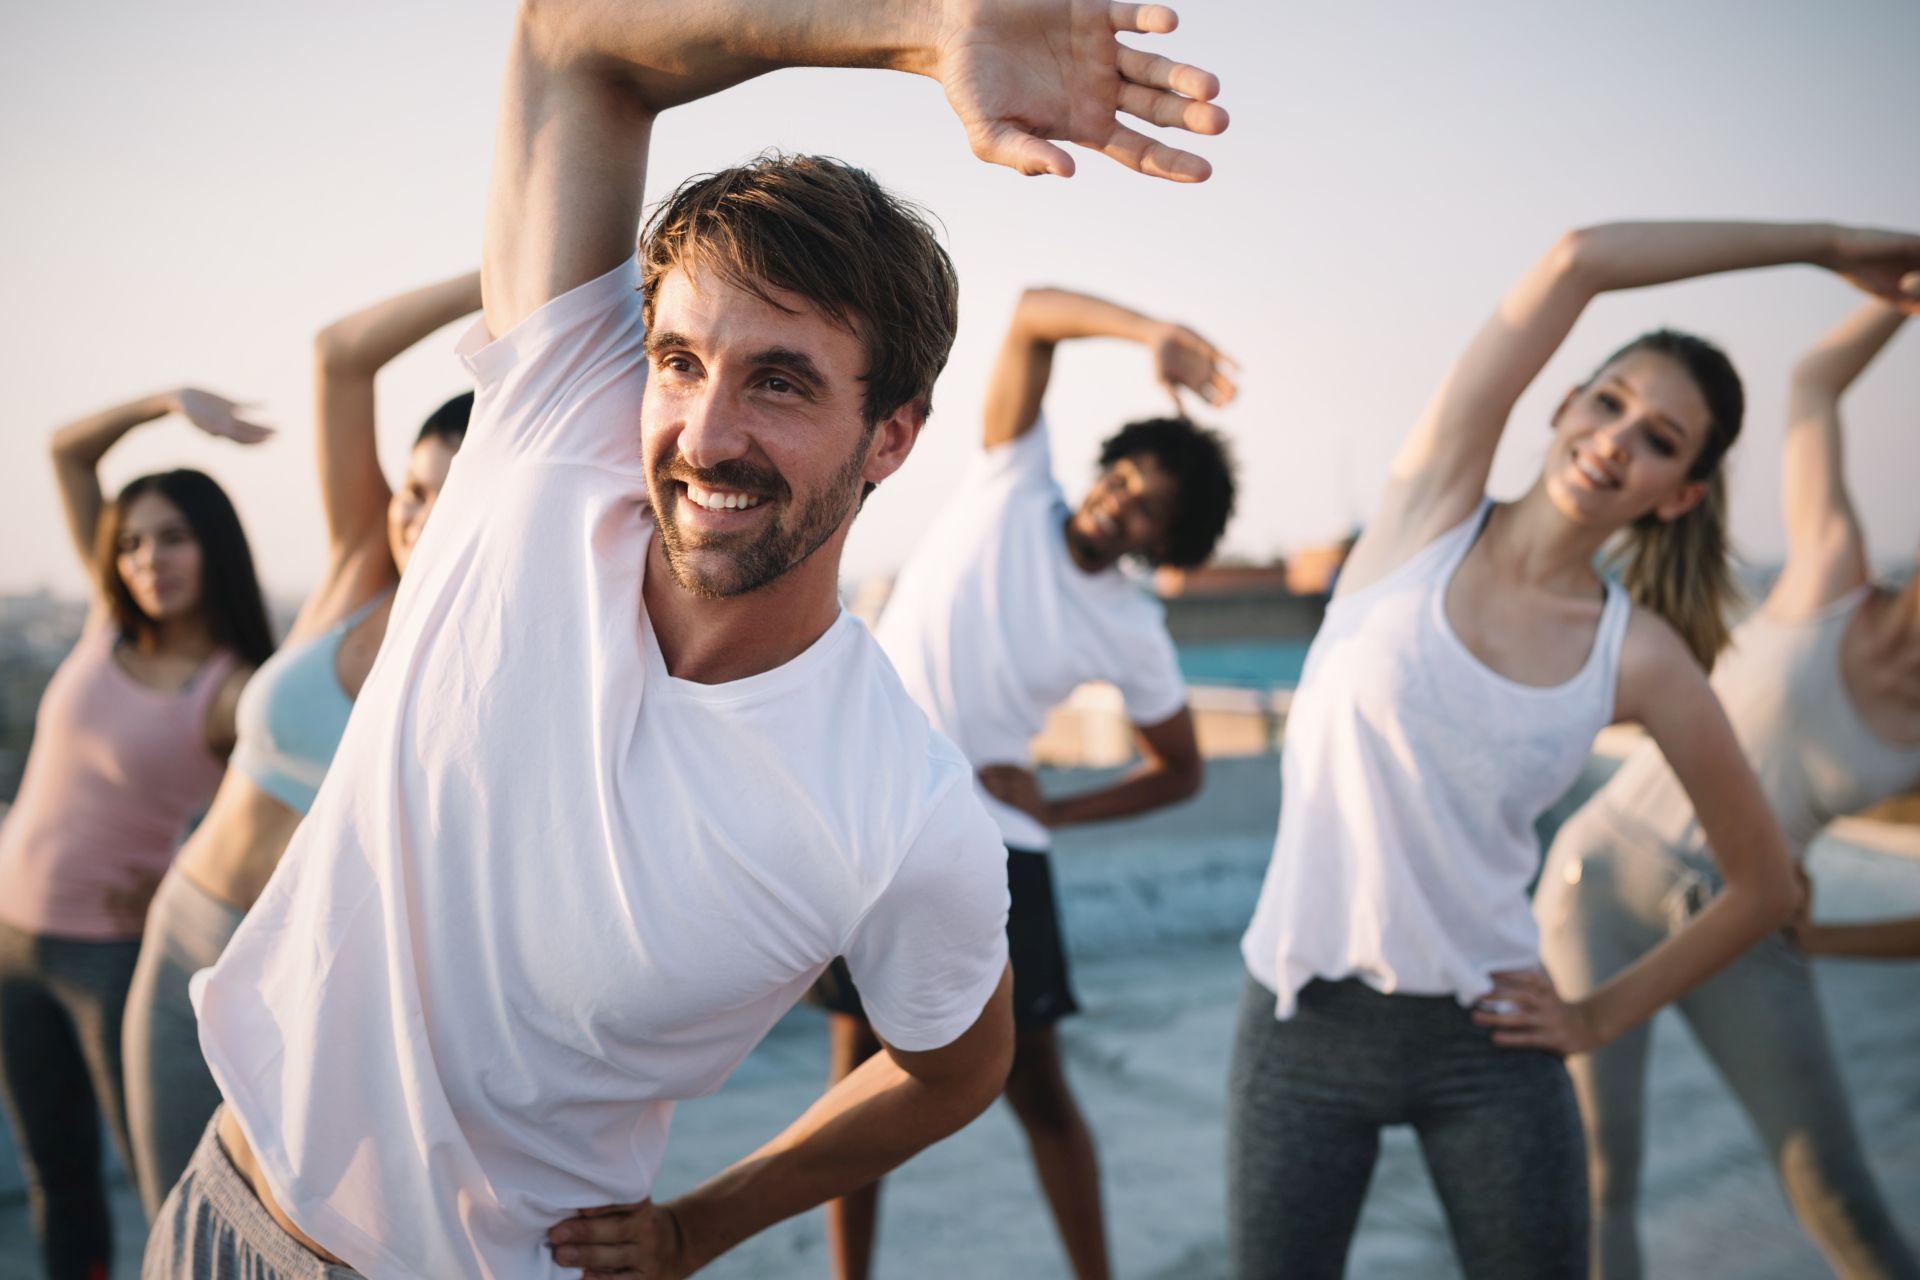 Obniż skutecznie cholesterol LDL - norma i regularne badanie pomoże wykryć jego zwiększone stężenie. Wdrożenie do diety steroli roślinnych, które mają udowodnione działanie obniżające cholesterol oraz połączenie jej z aktywnością fizyczną to sposób na zdrowy styl życia!